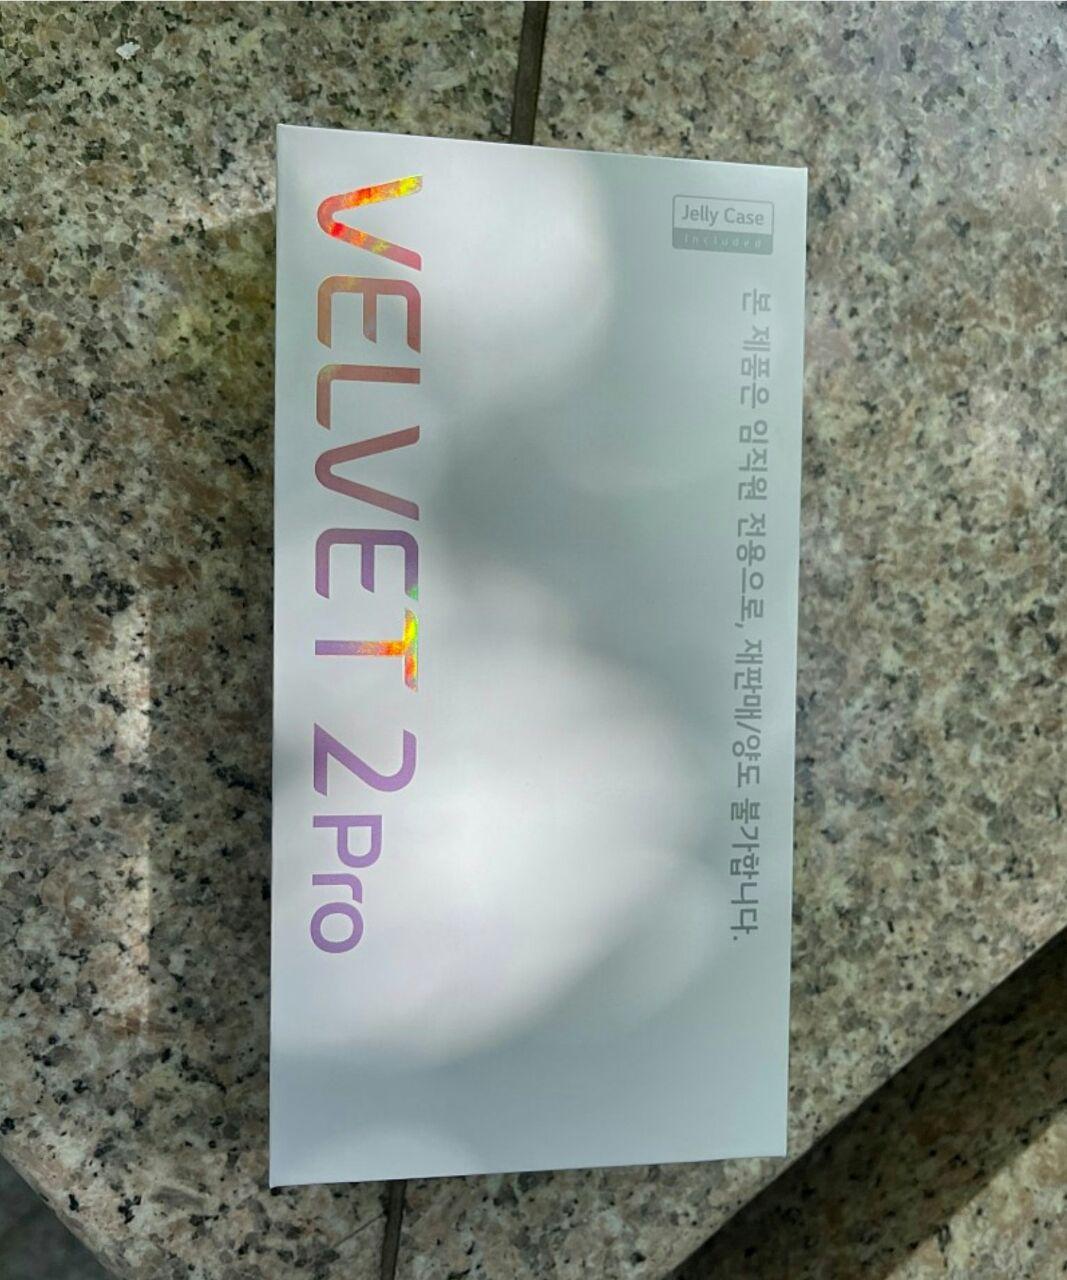 New Flagship By LG - LG Velvet 2 Pro Promo Images Got Leaked Online